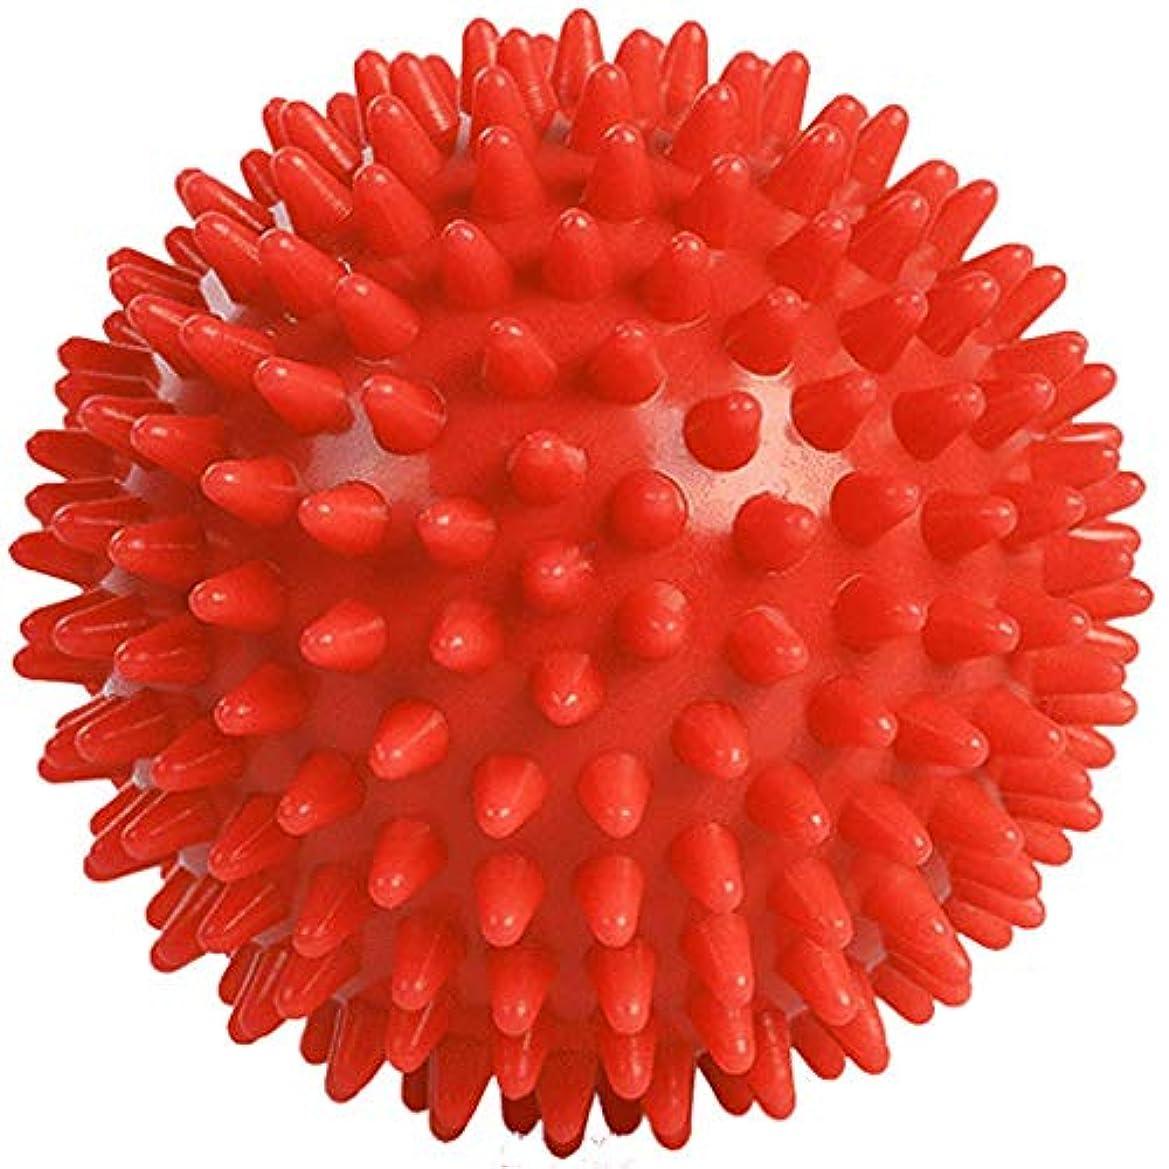 サイレン噴火不格好uzinby リフレックスボール 触覚ボール 足裏手 背中のマッサージボール リハビリ マッサージ用 血液循環促進 筋肉緊張 圧迫で解きほぐす